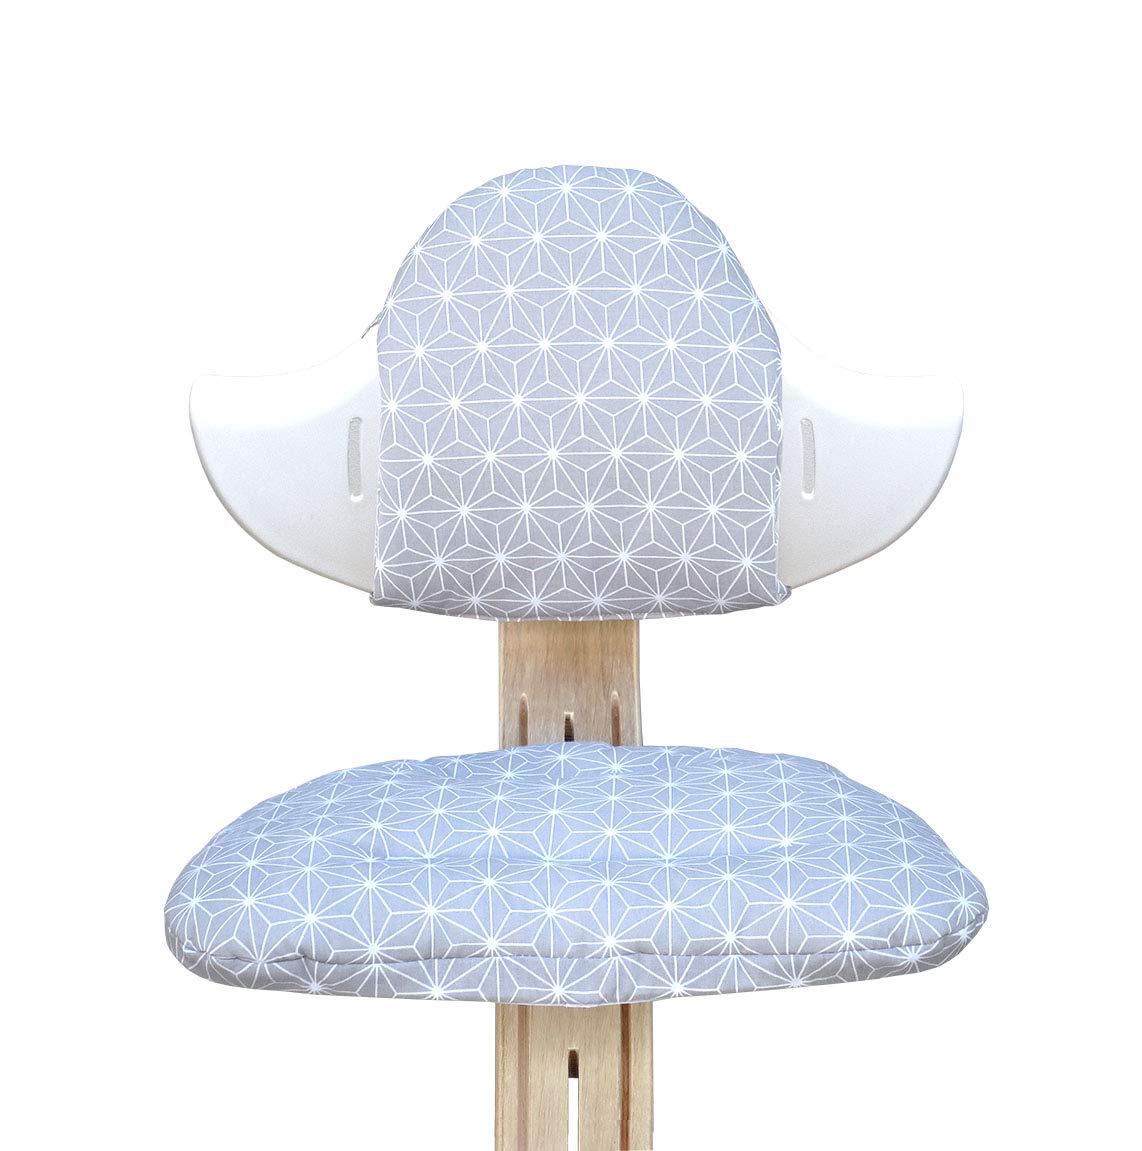 Sitzkissen Set f/ür Nomi Hochstuhl von Evomove Blausberg Baby Grau Stern